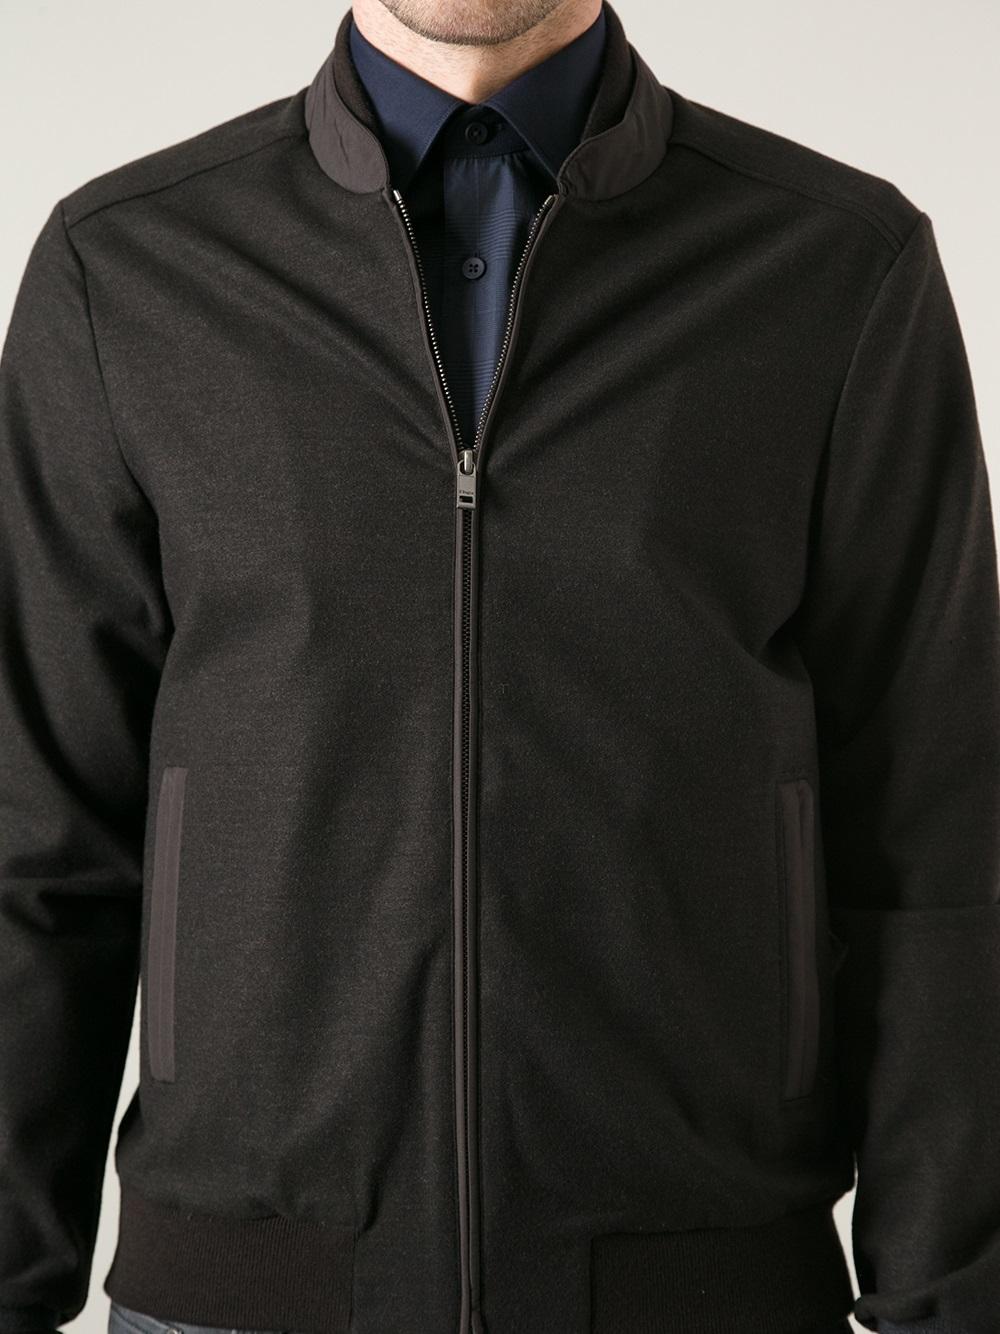 8623c0420 Z Zegna Black Bomber Jacket for men